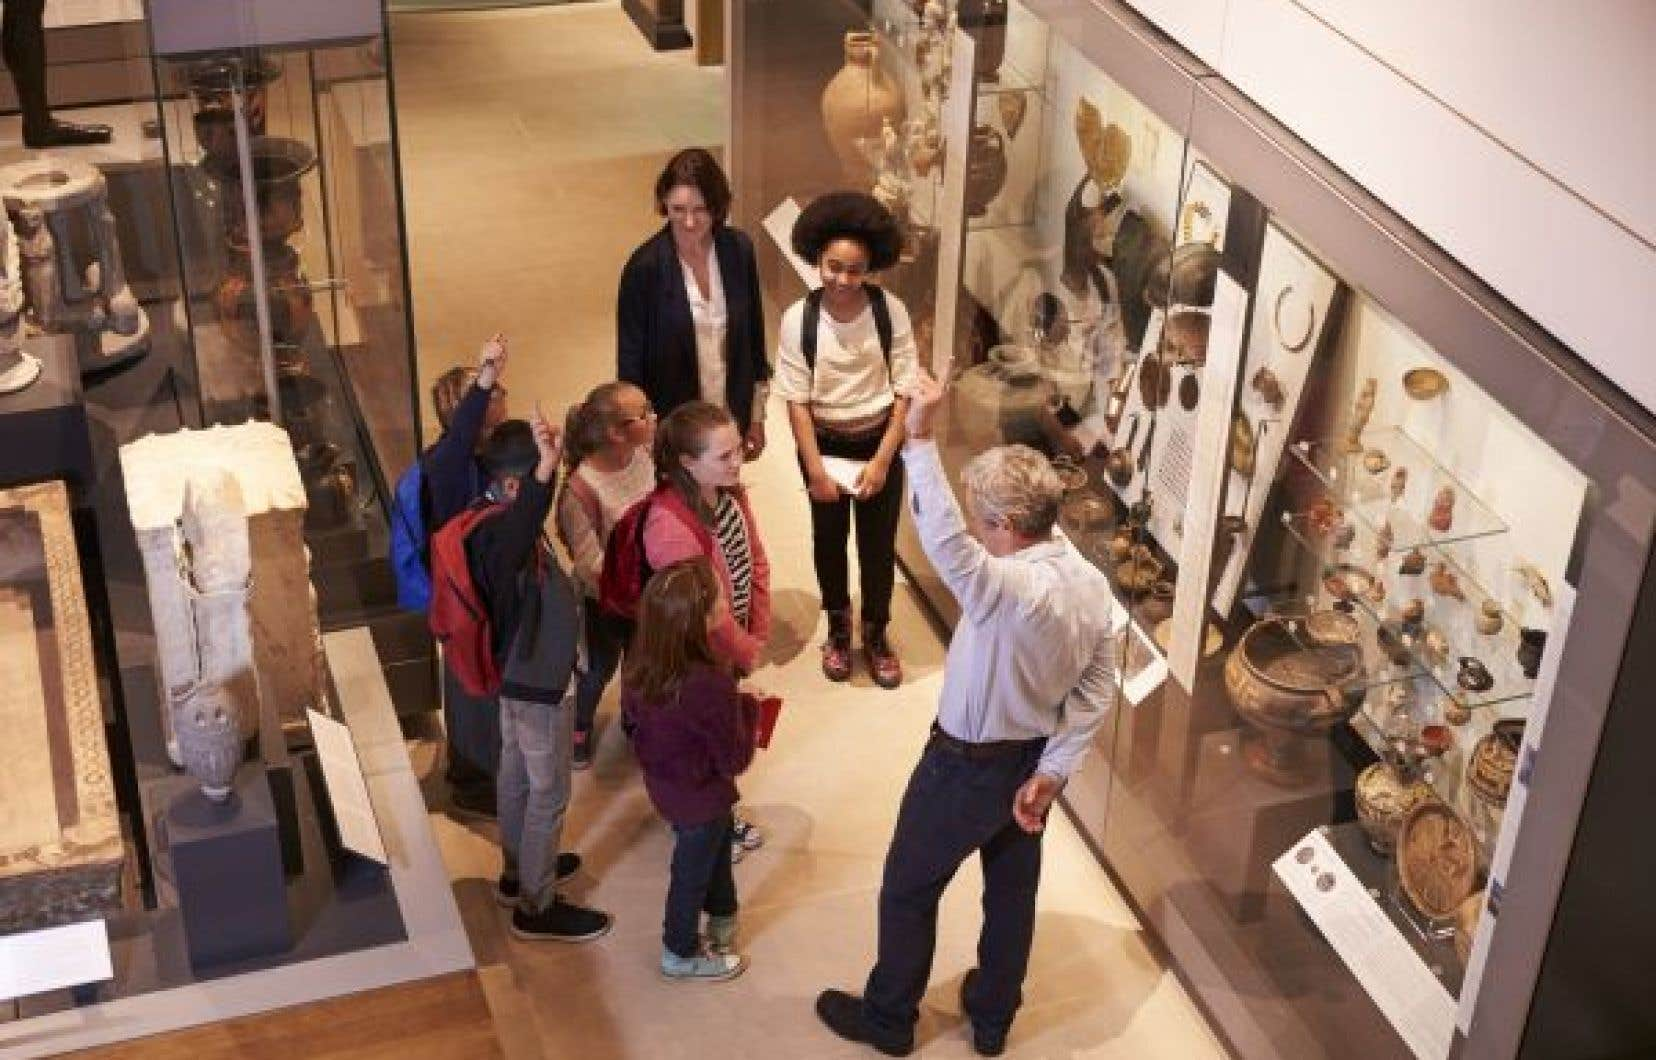 Avec la nouvelle directive du ministre, une sortie au musée dans le cadre d'un cours optionnel en art, par exemple, pourrait être compromise, se désole l'auteur.